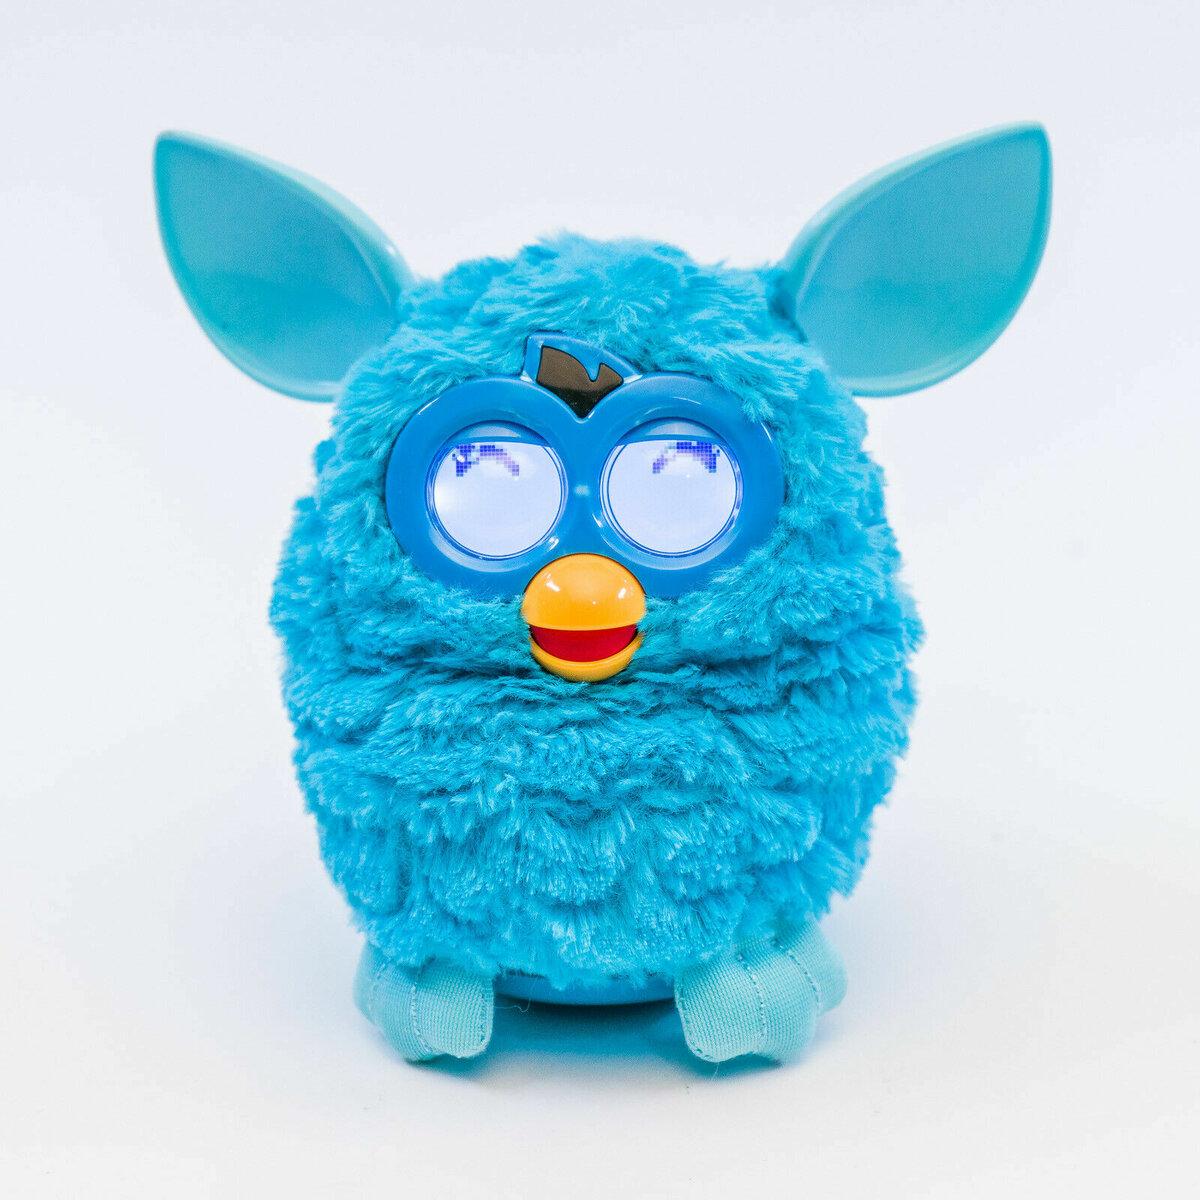 Интерактивная развивающая игрушка Furby в Эмбе